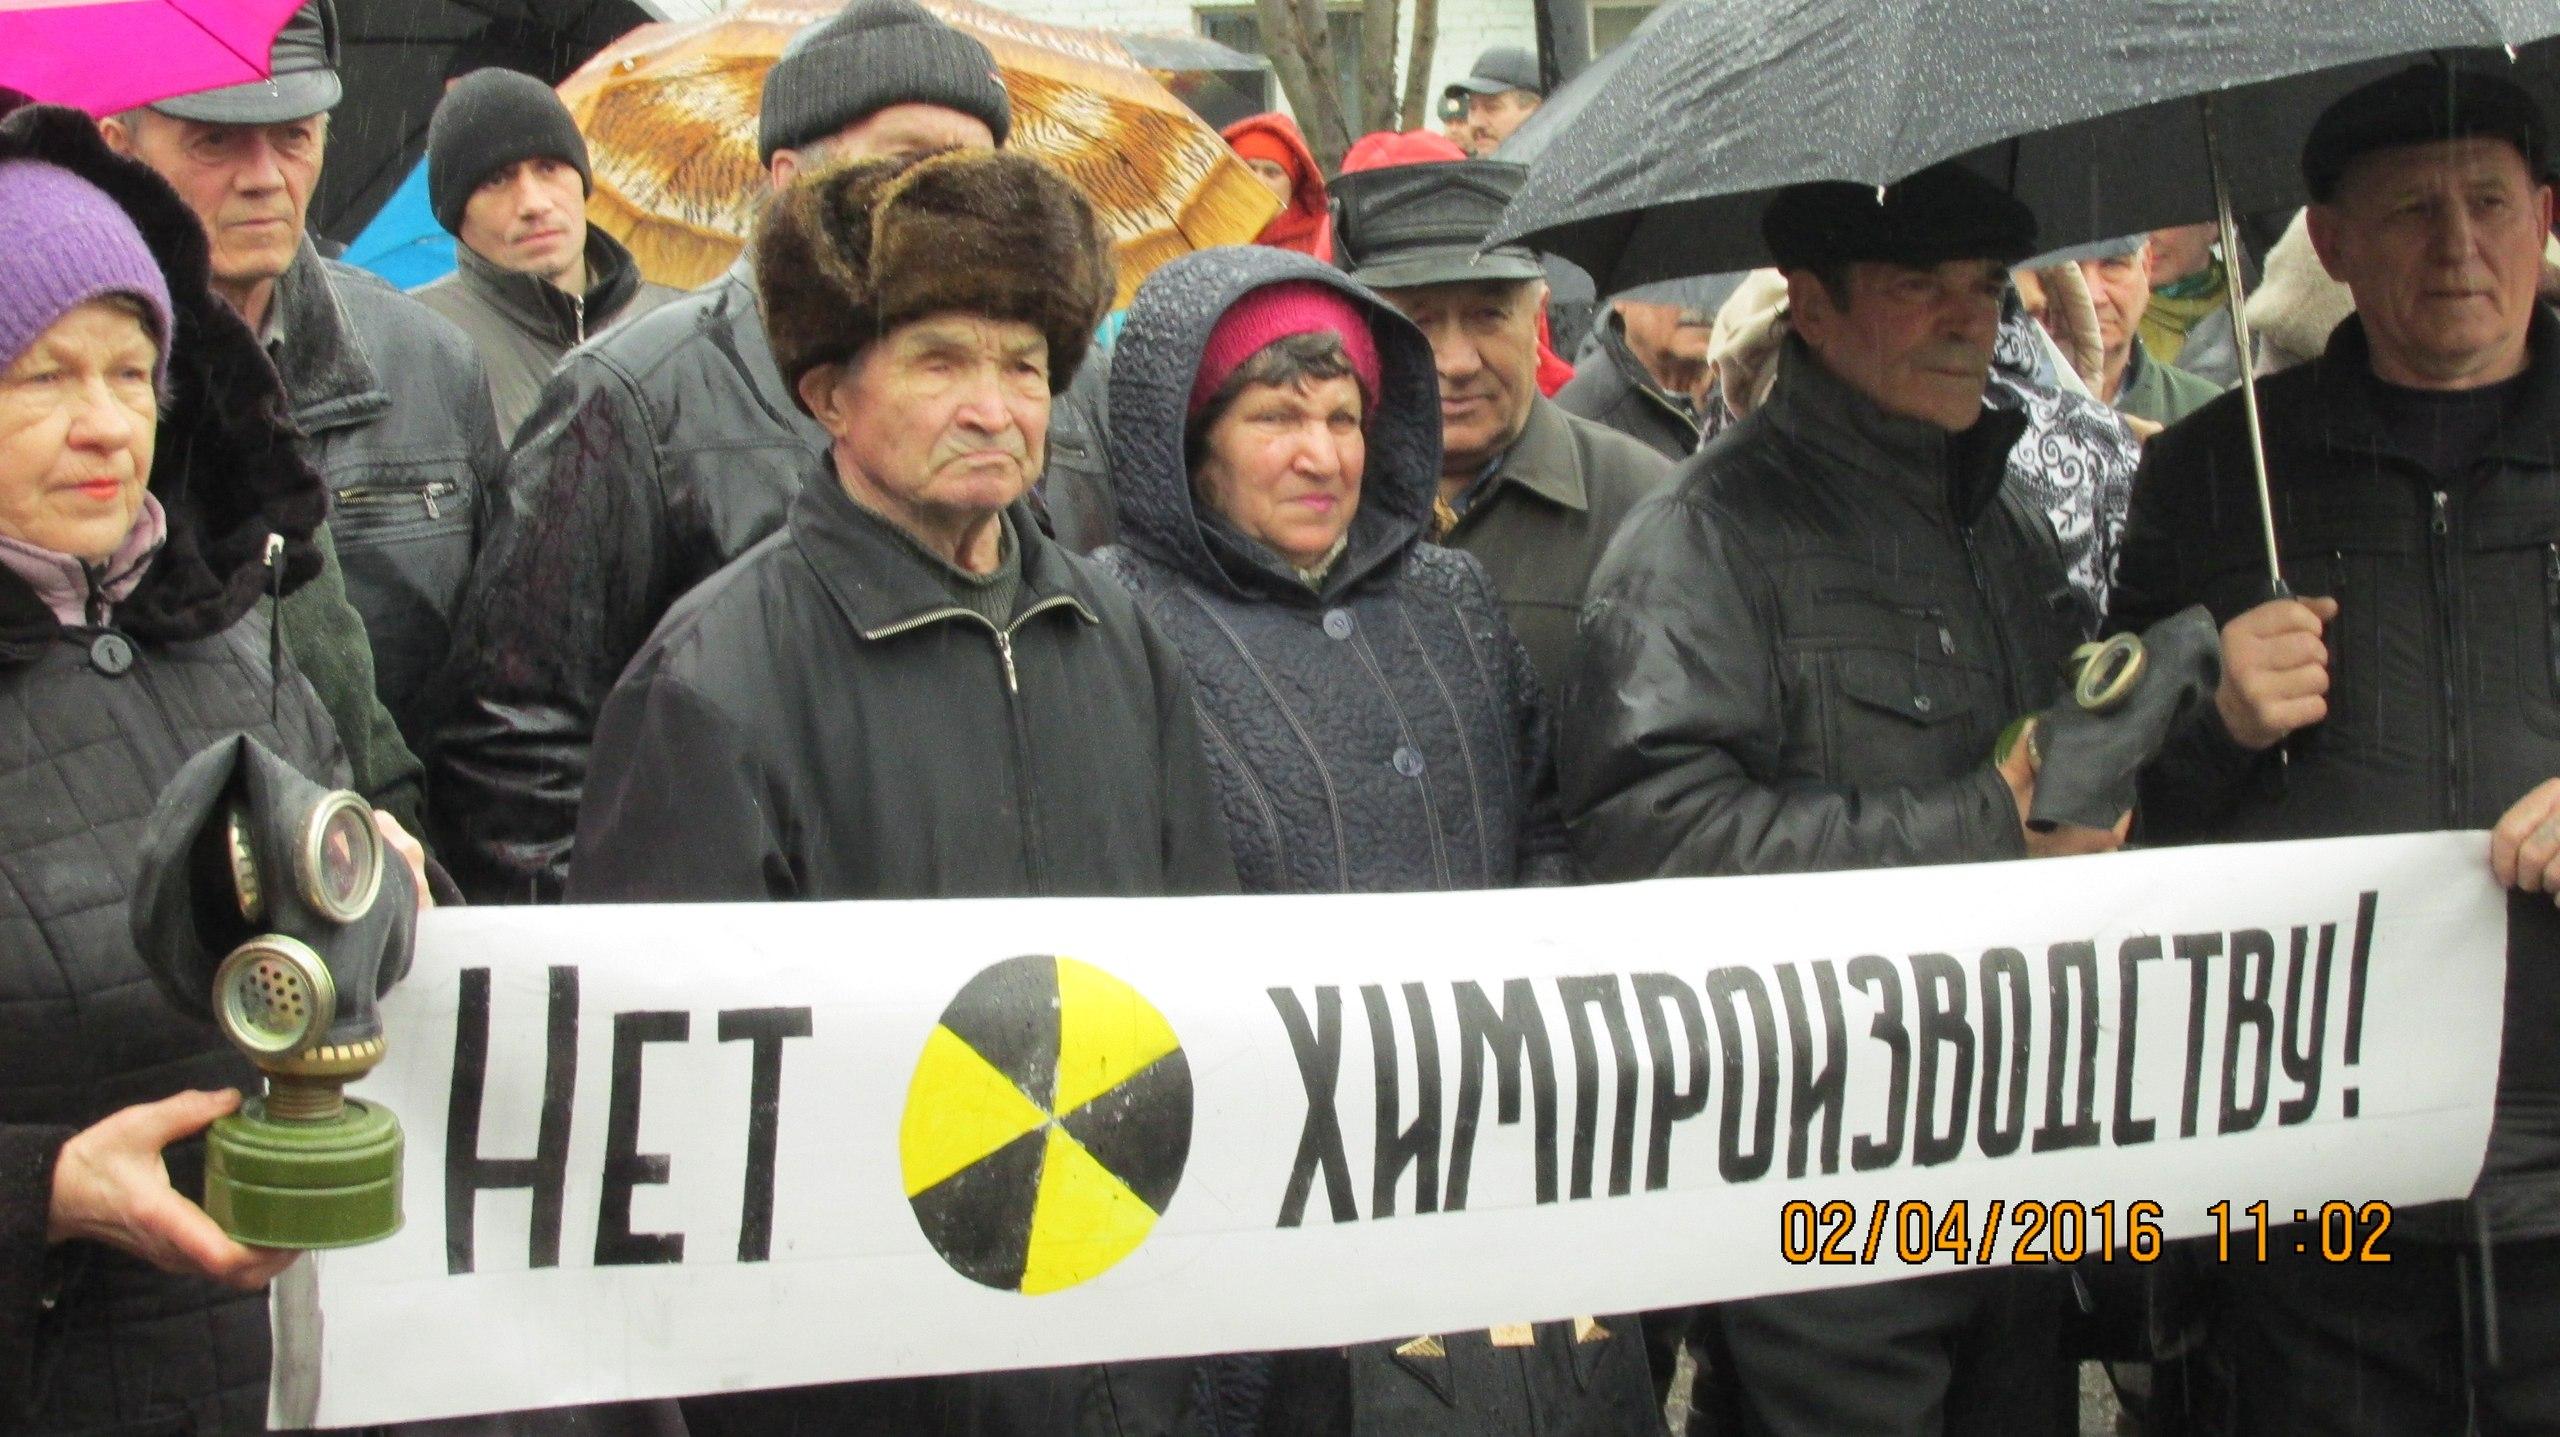 """Фото из сообщества vk.com  """"Красный пусть"""""""